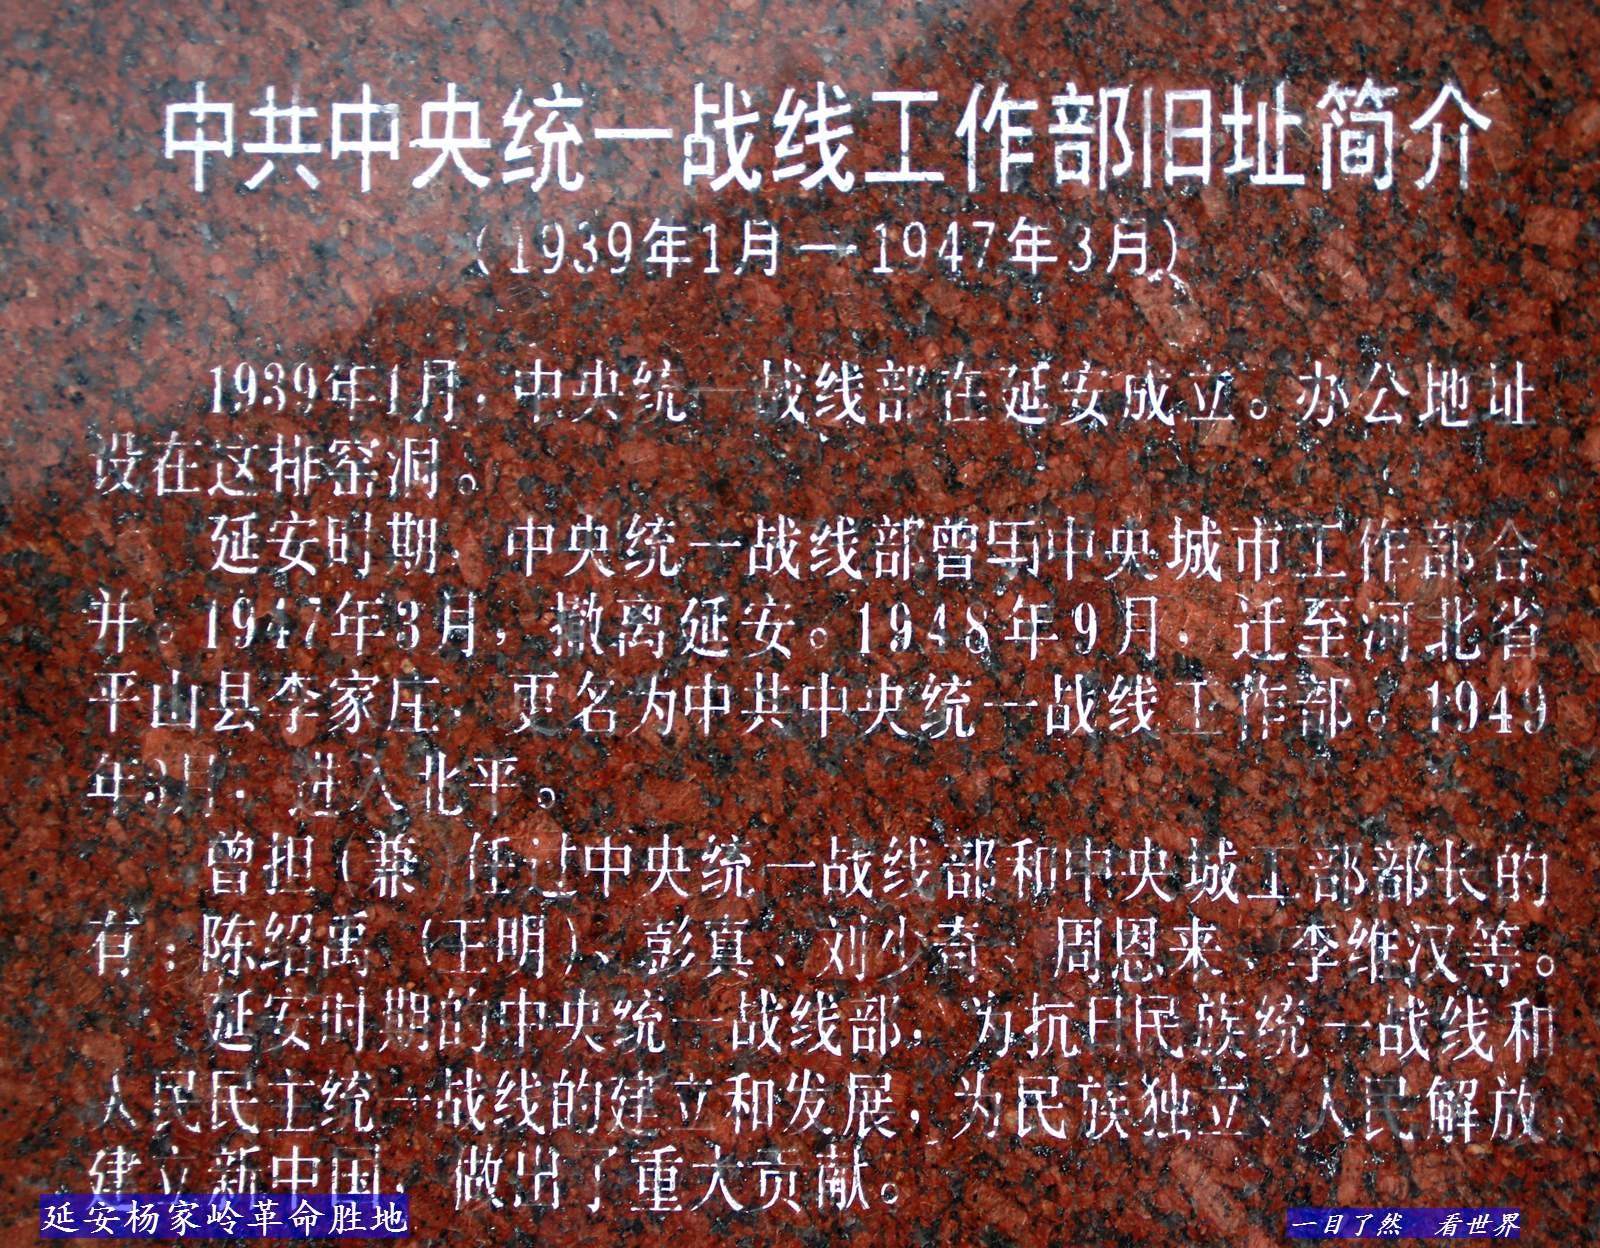 延安杨家岭革命胜地---66-1600.jpg